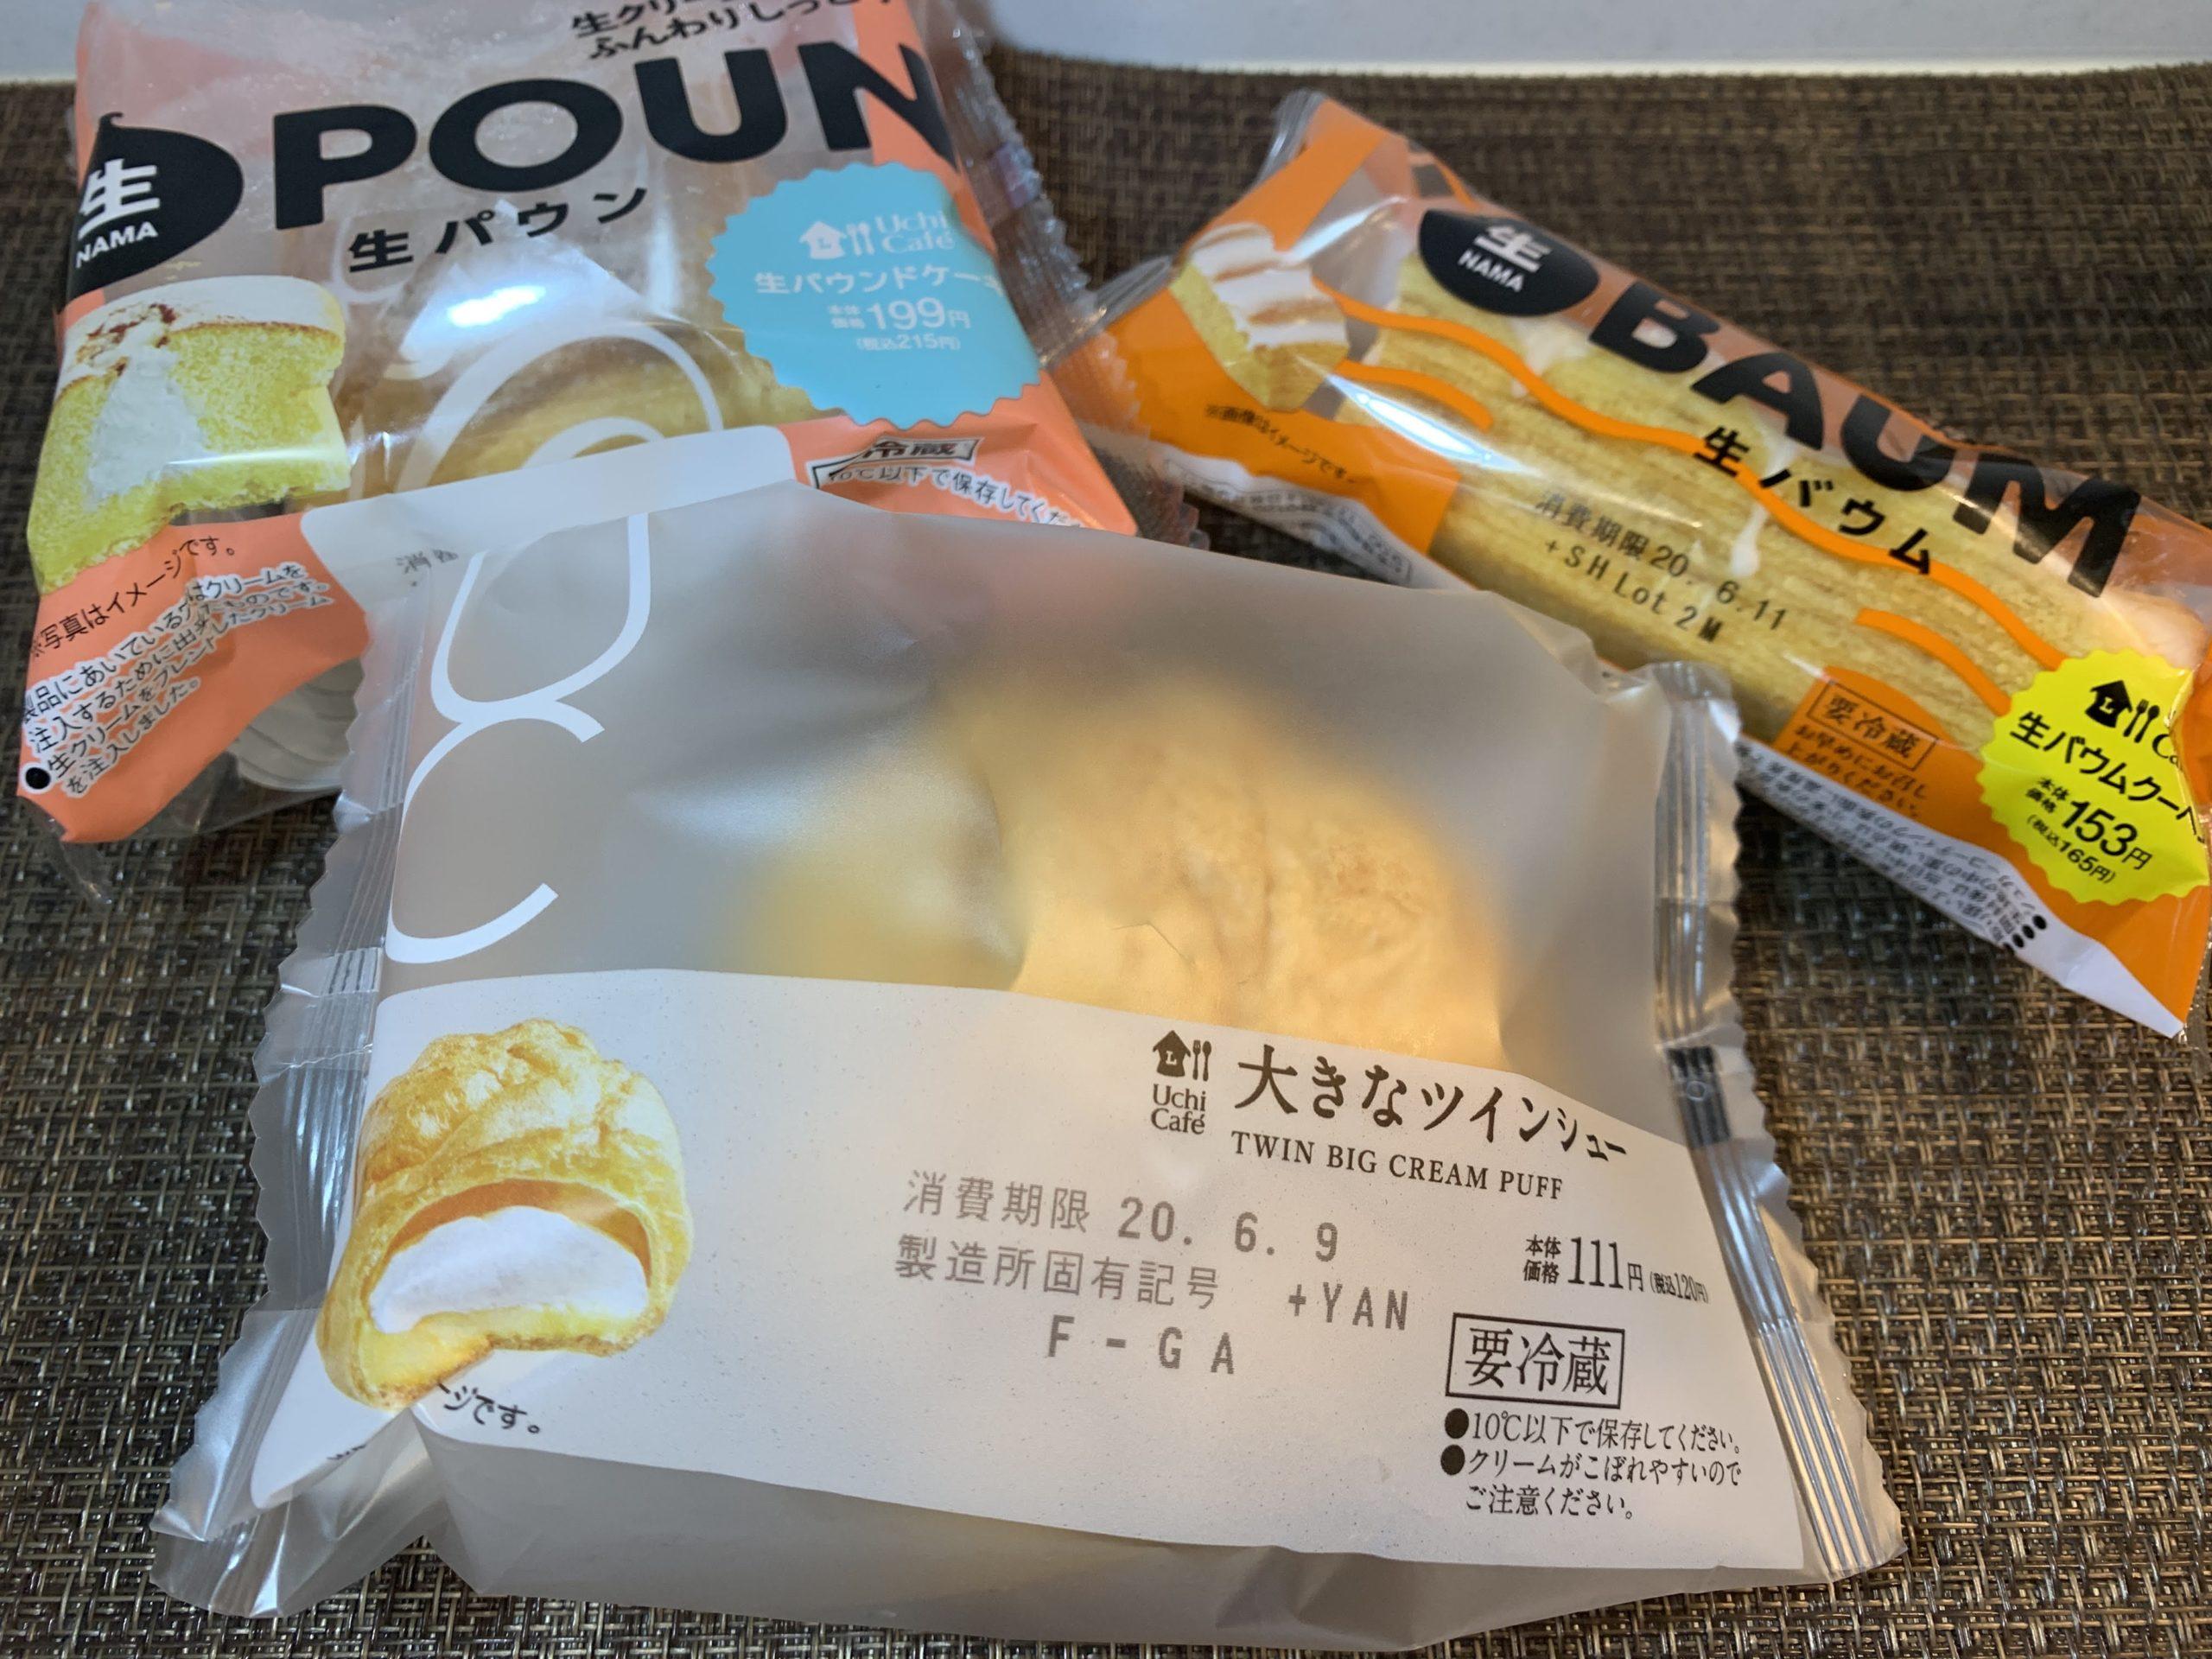 ローソンスイーツ・ウチカフェ食べ比べ:生パウン・生バウムは美味しいの?